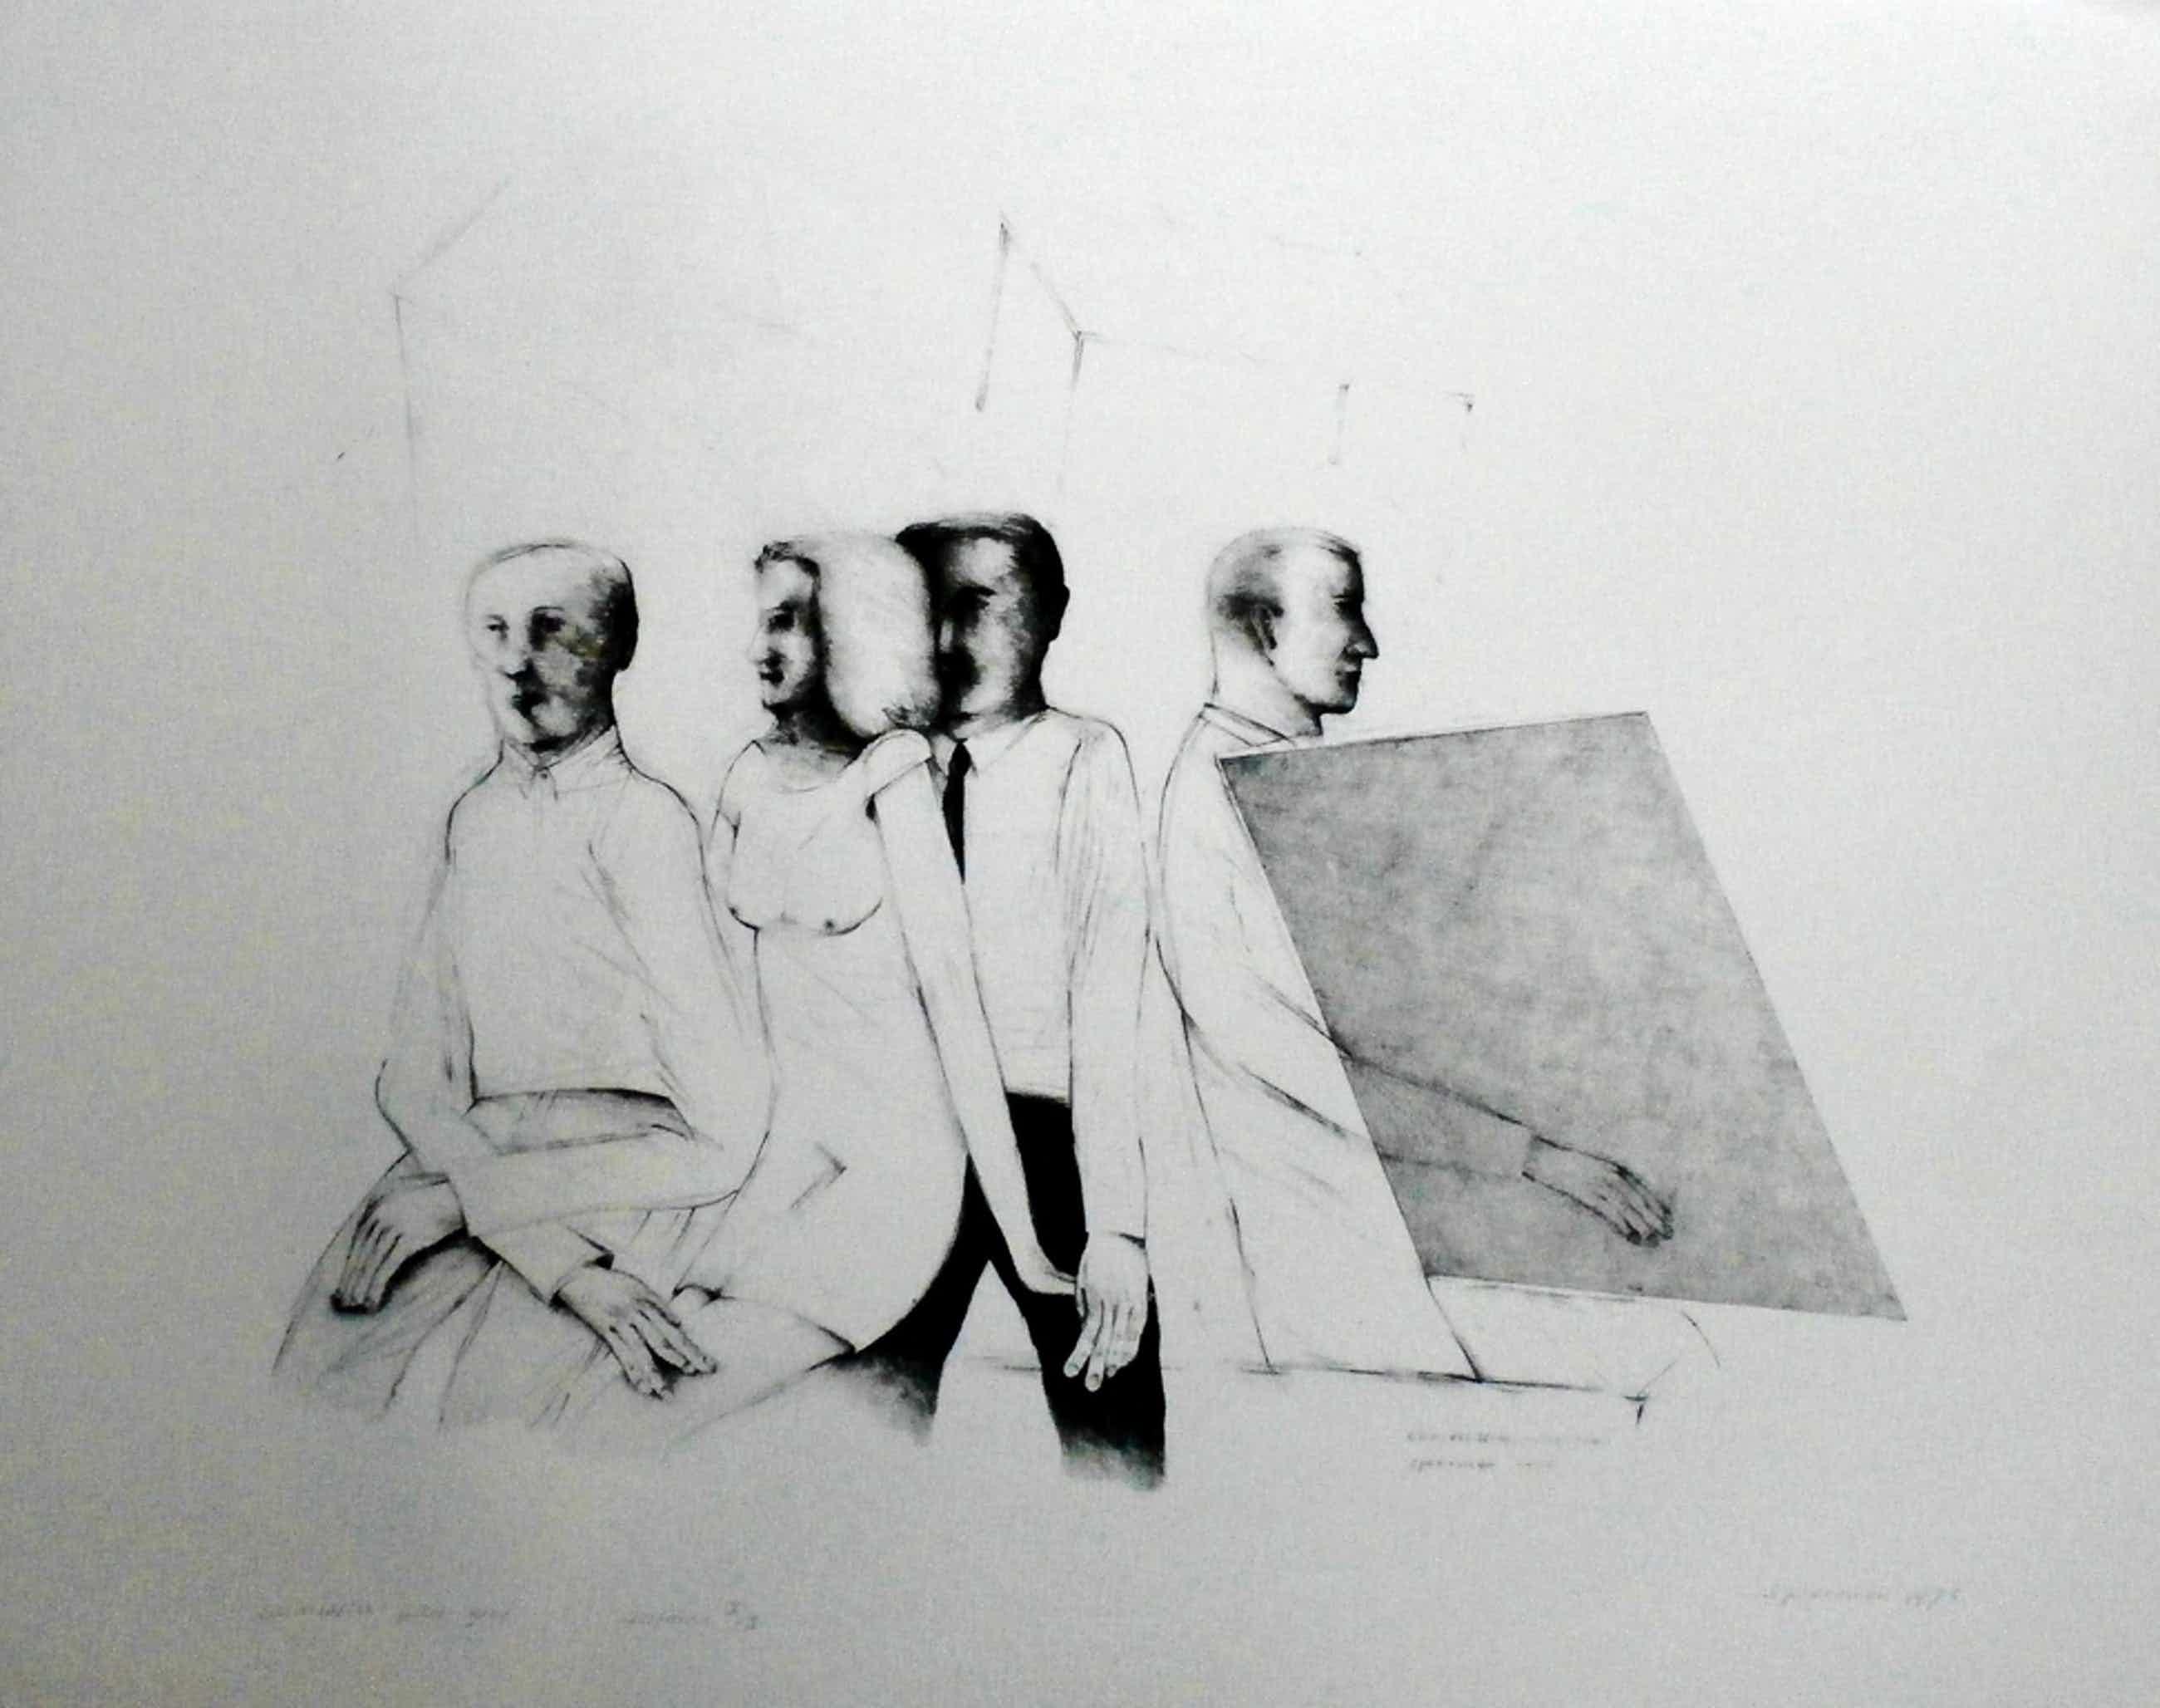 Kees Spermon - Kees Spermon - zeefdruk: conversation piece grey - 1973 kopen? Bied vanaf 45!